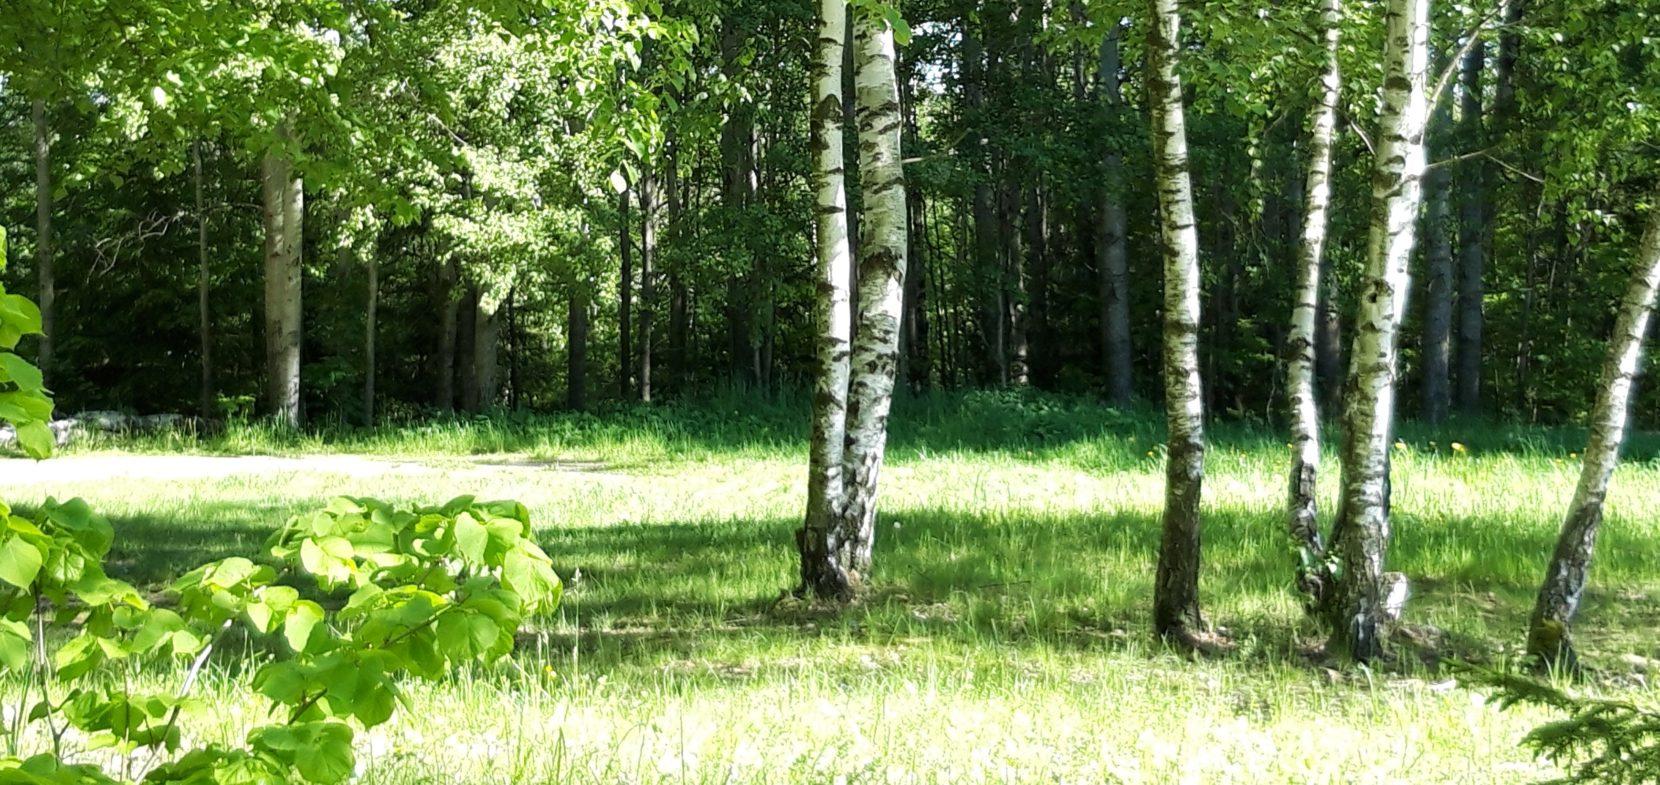 Kirchliche Waldgemeinschaft